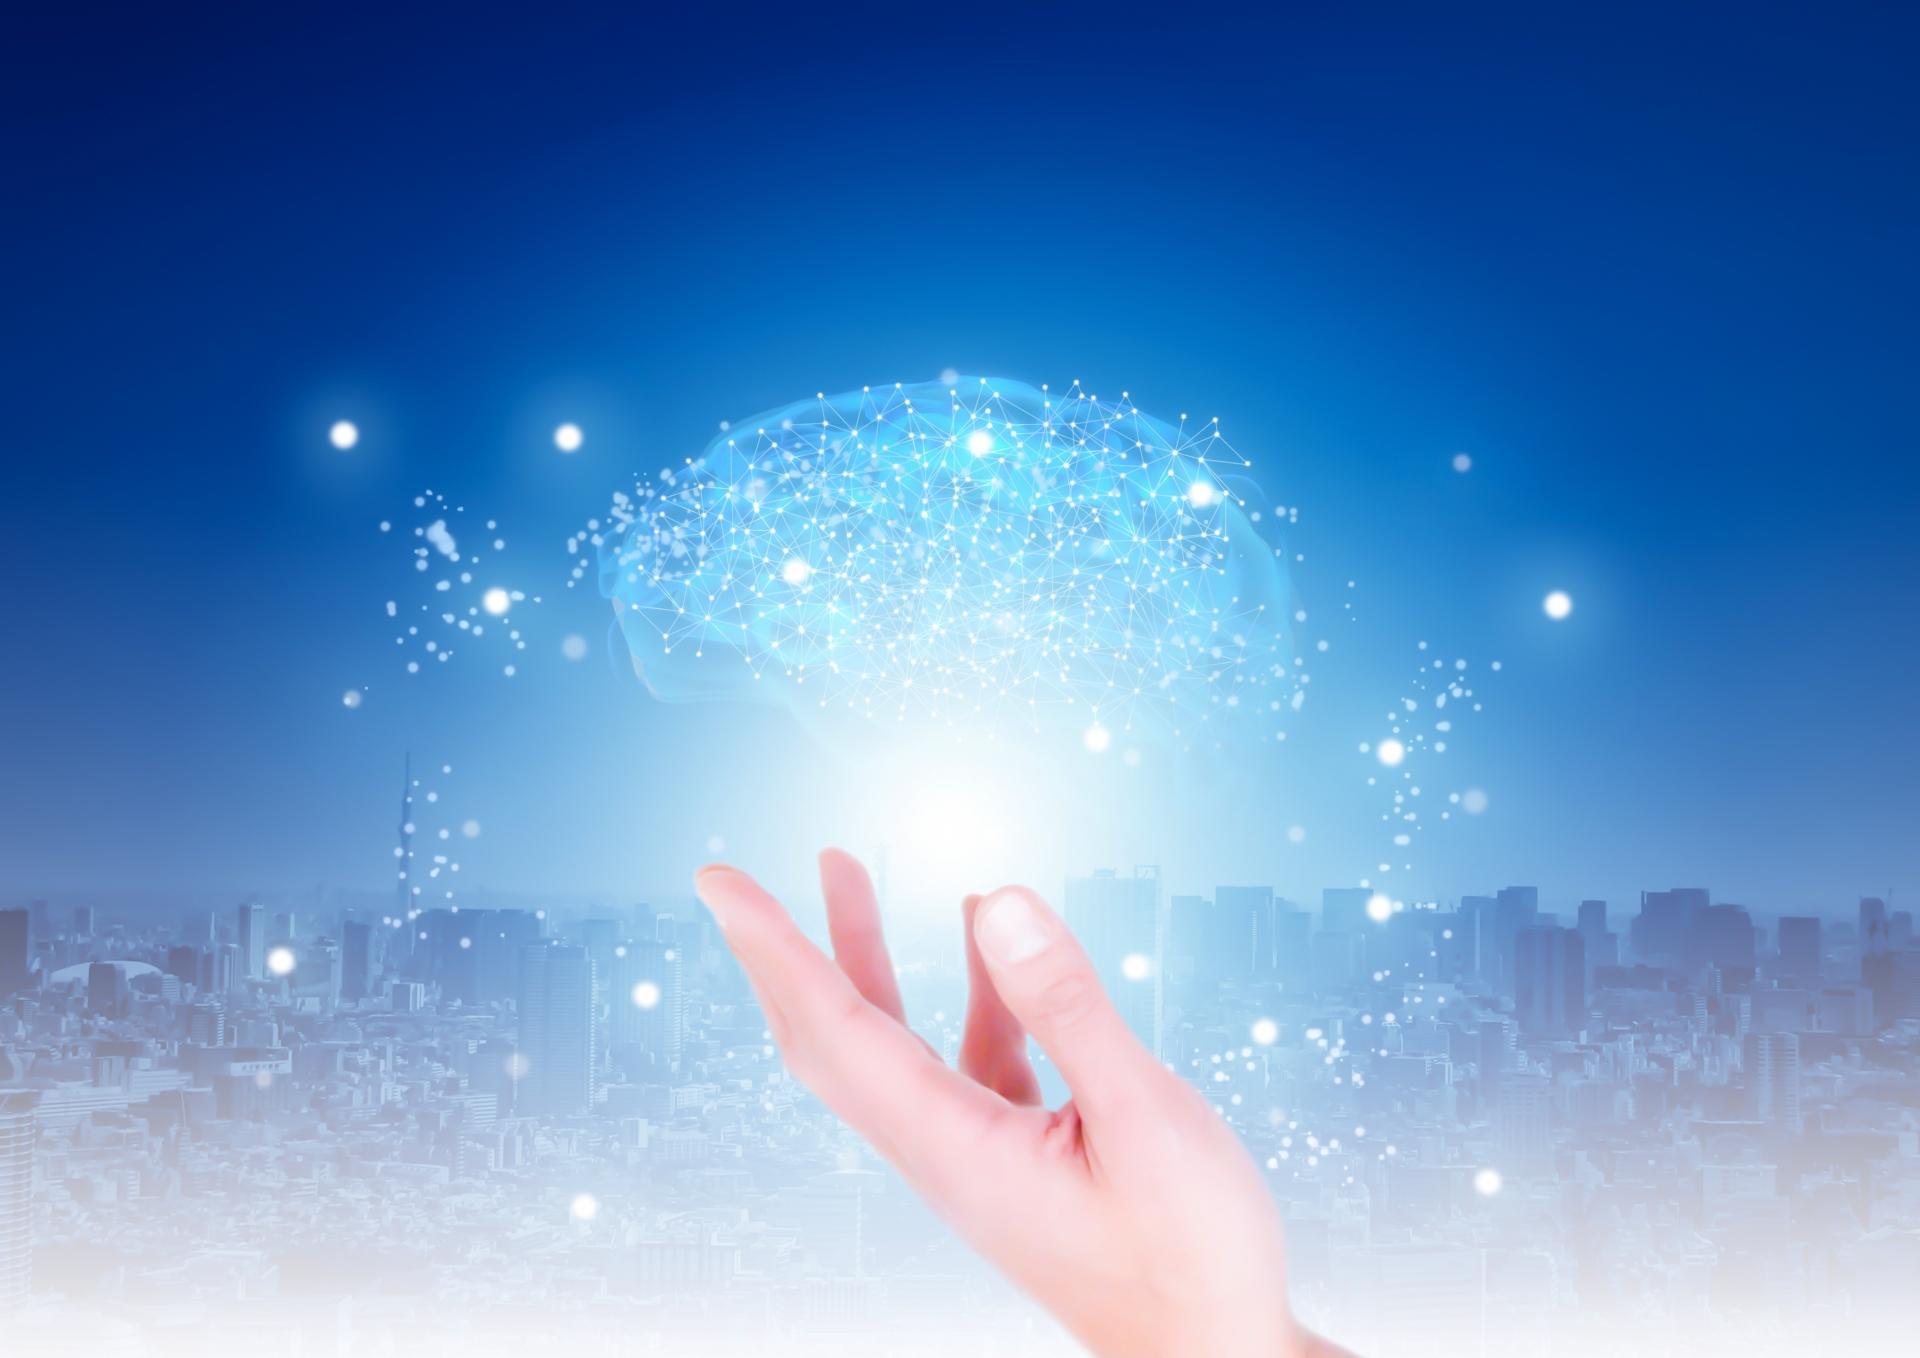 藤沢市、AI案内サービスの実証実験を実施[ニュース]